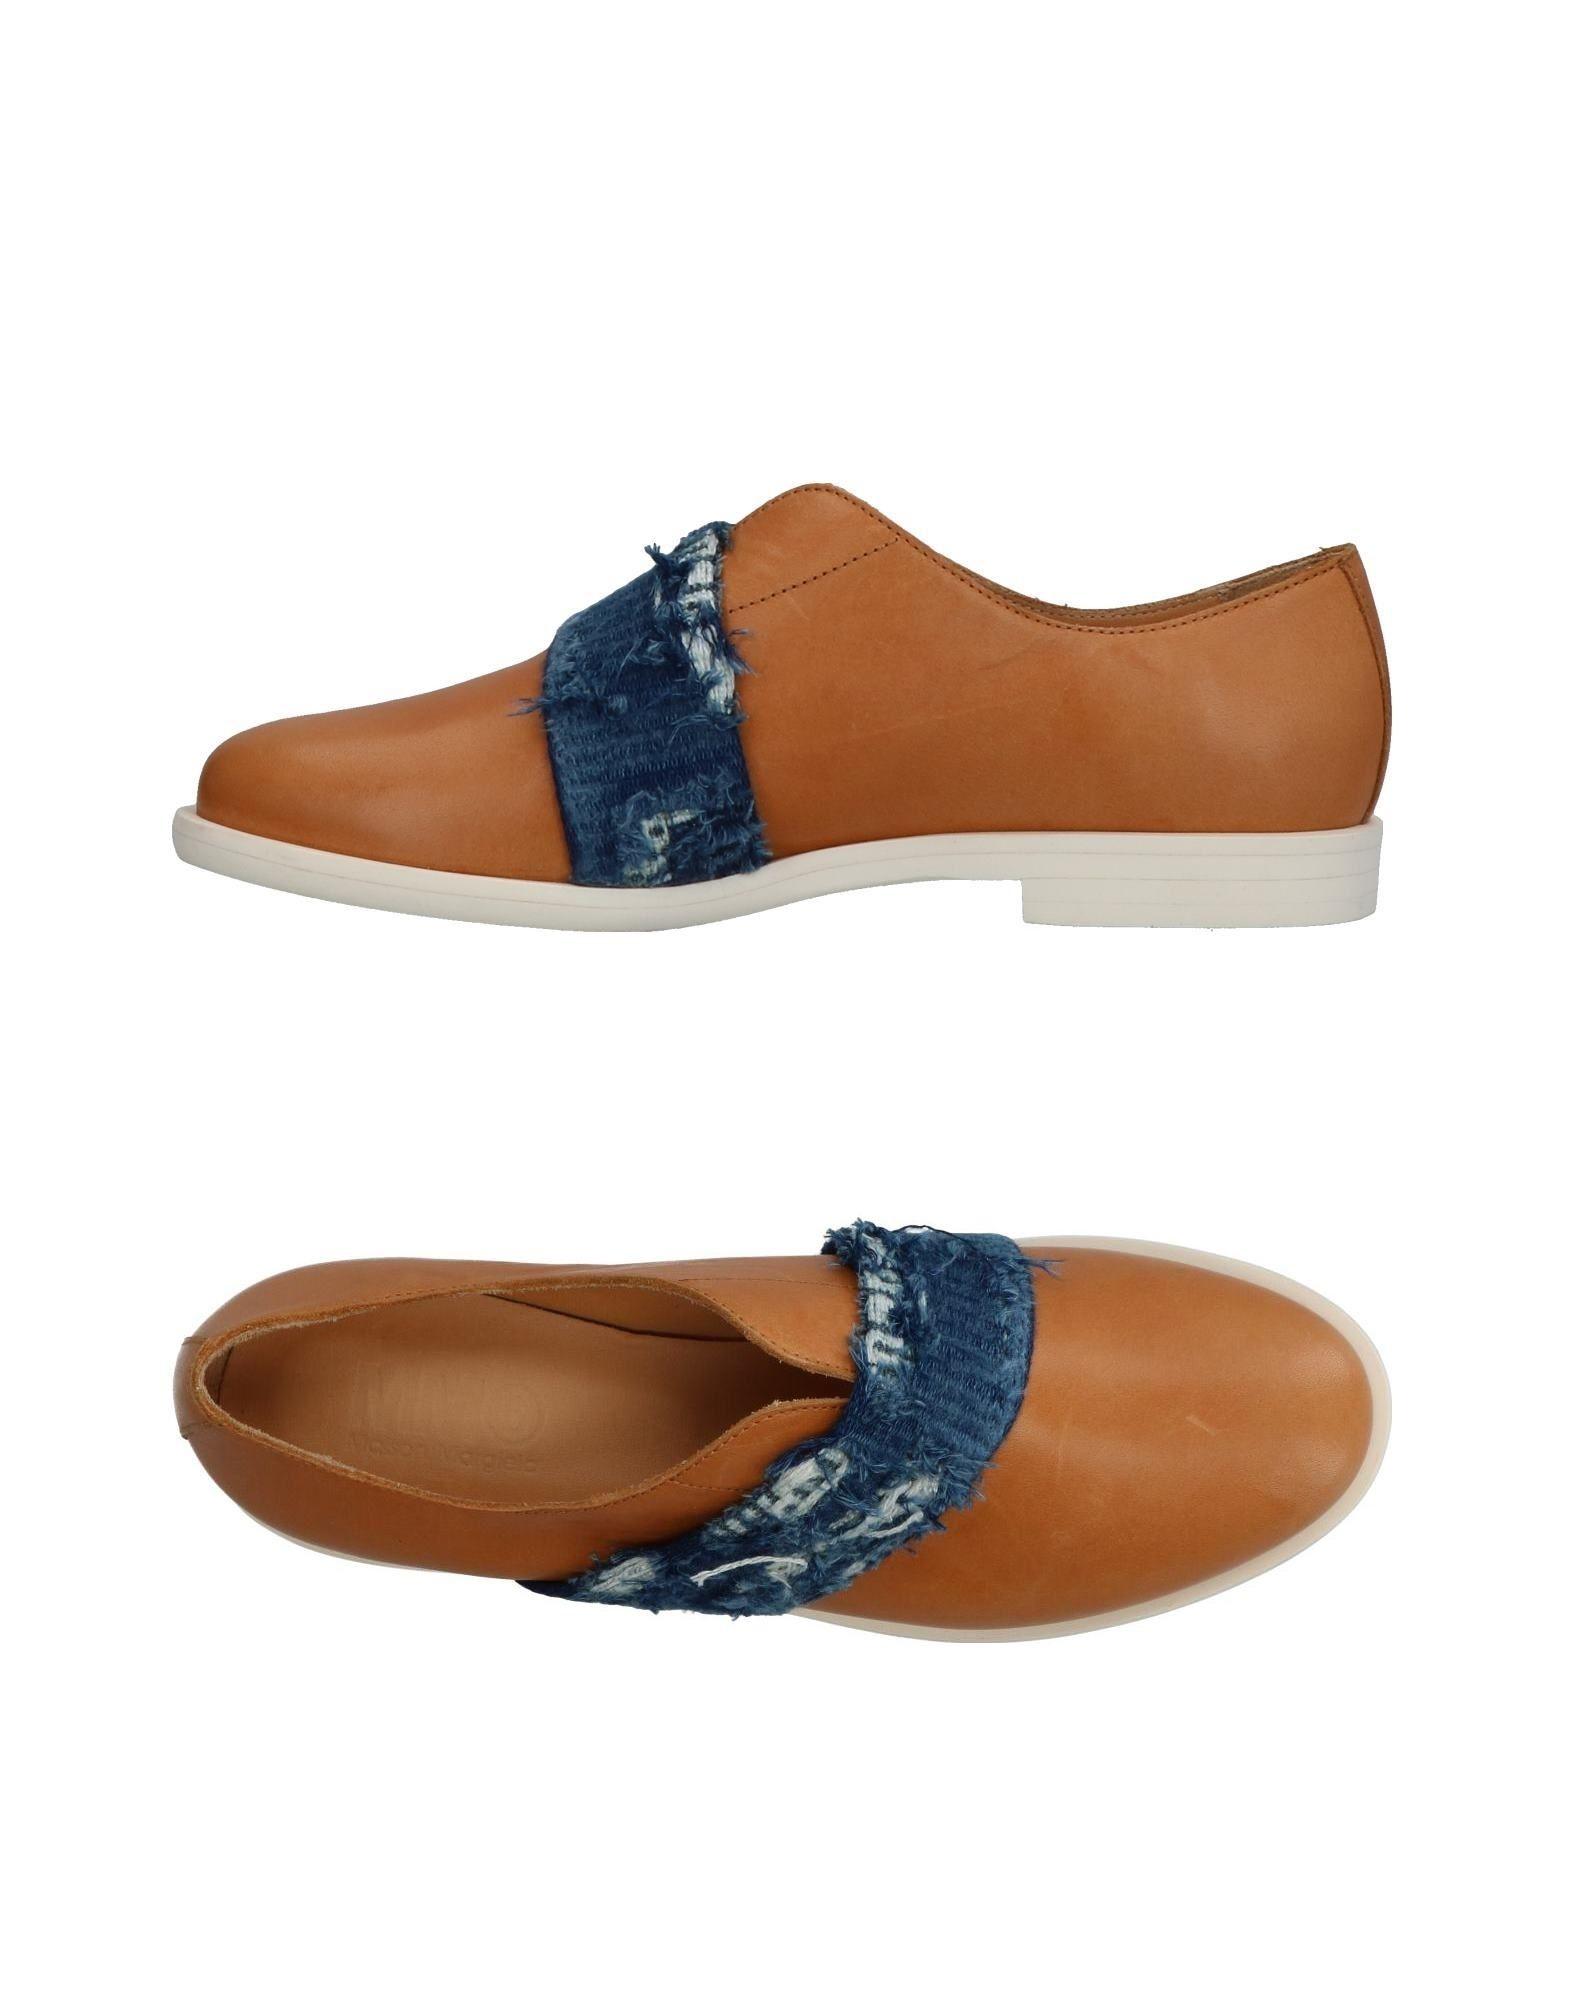 Mm6 Maison Margiela Mokassins Damen  11354836SQ Gute Qualität beliebte Schuhe